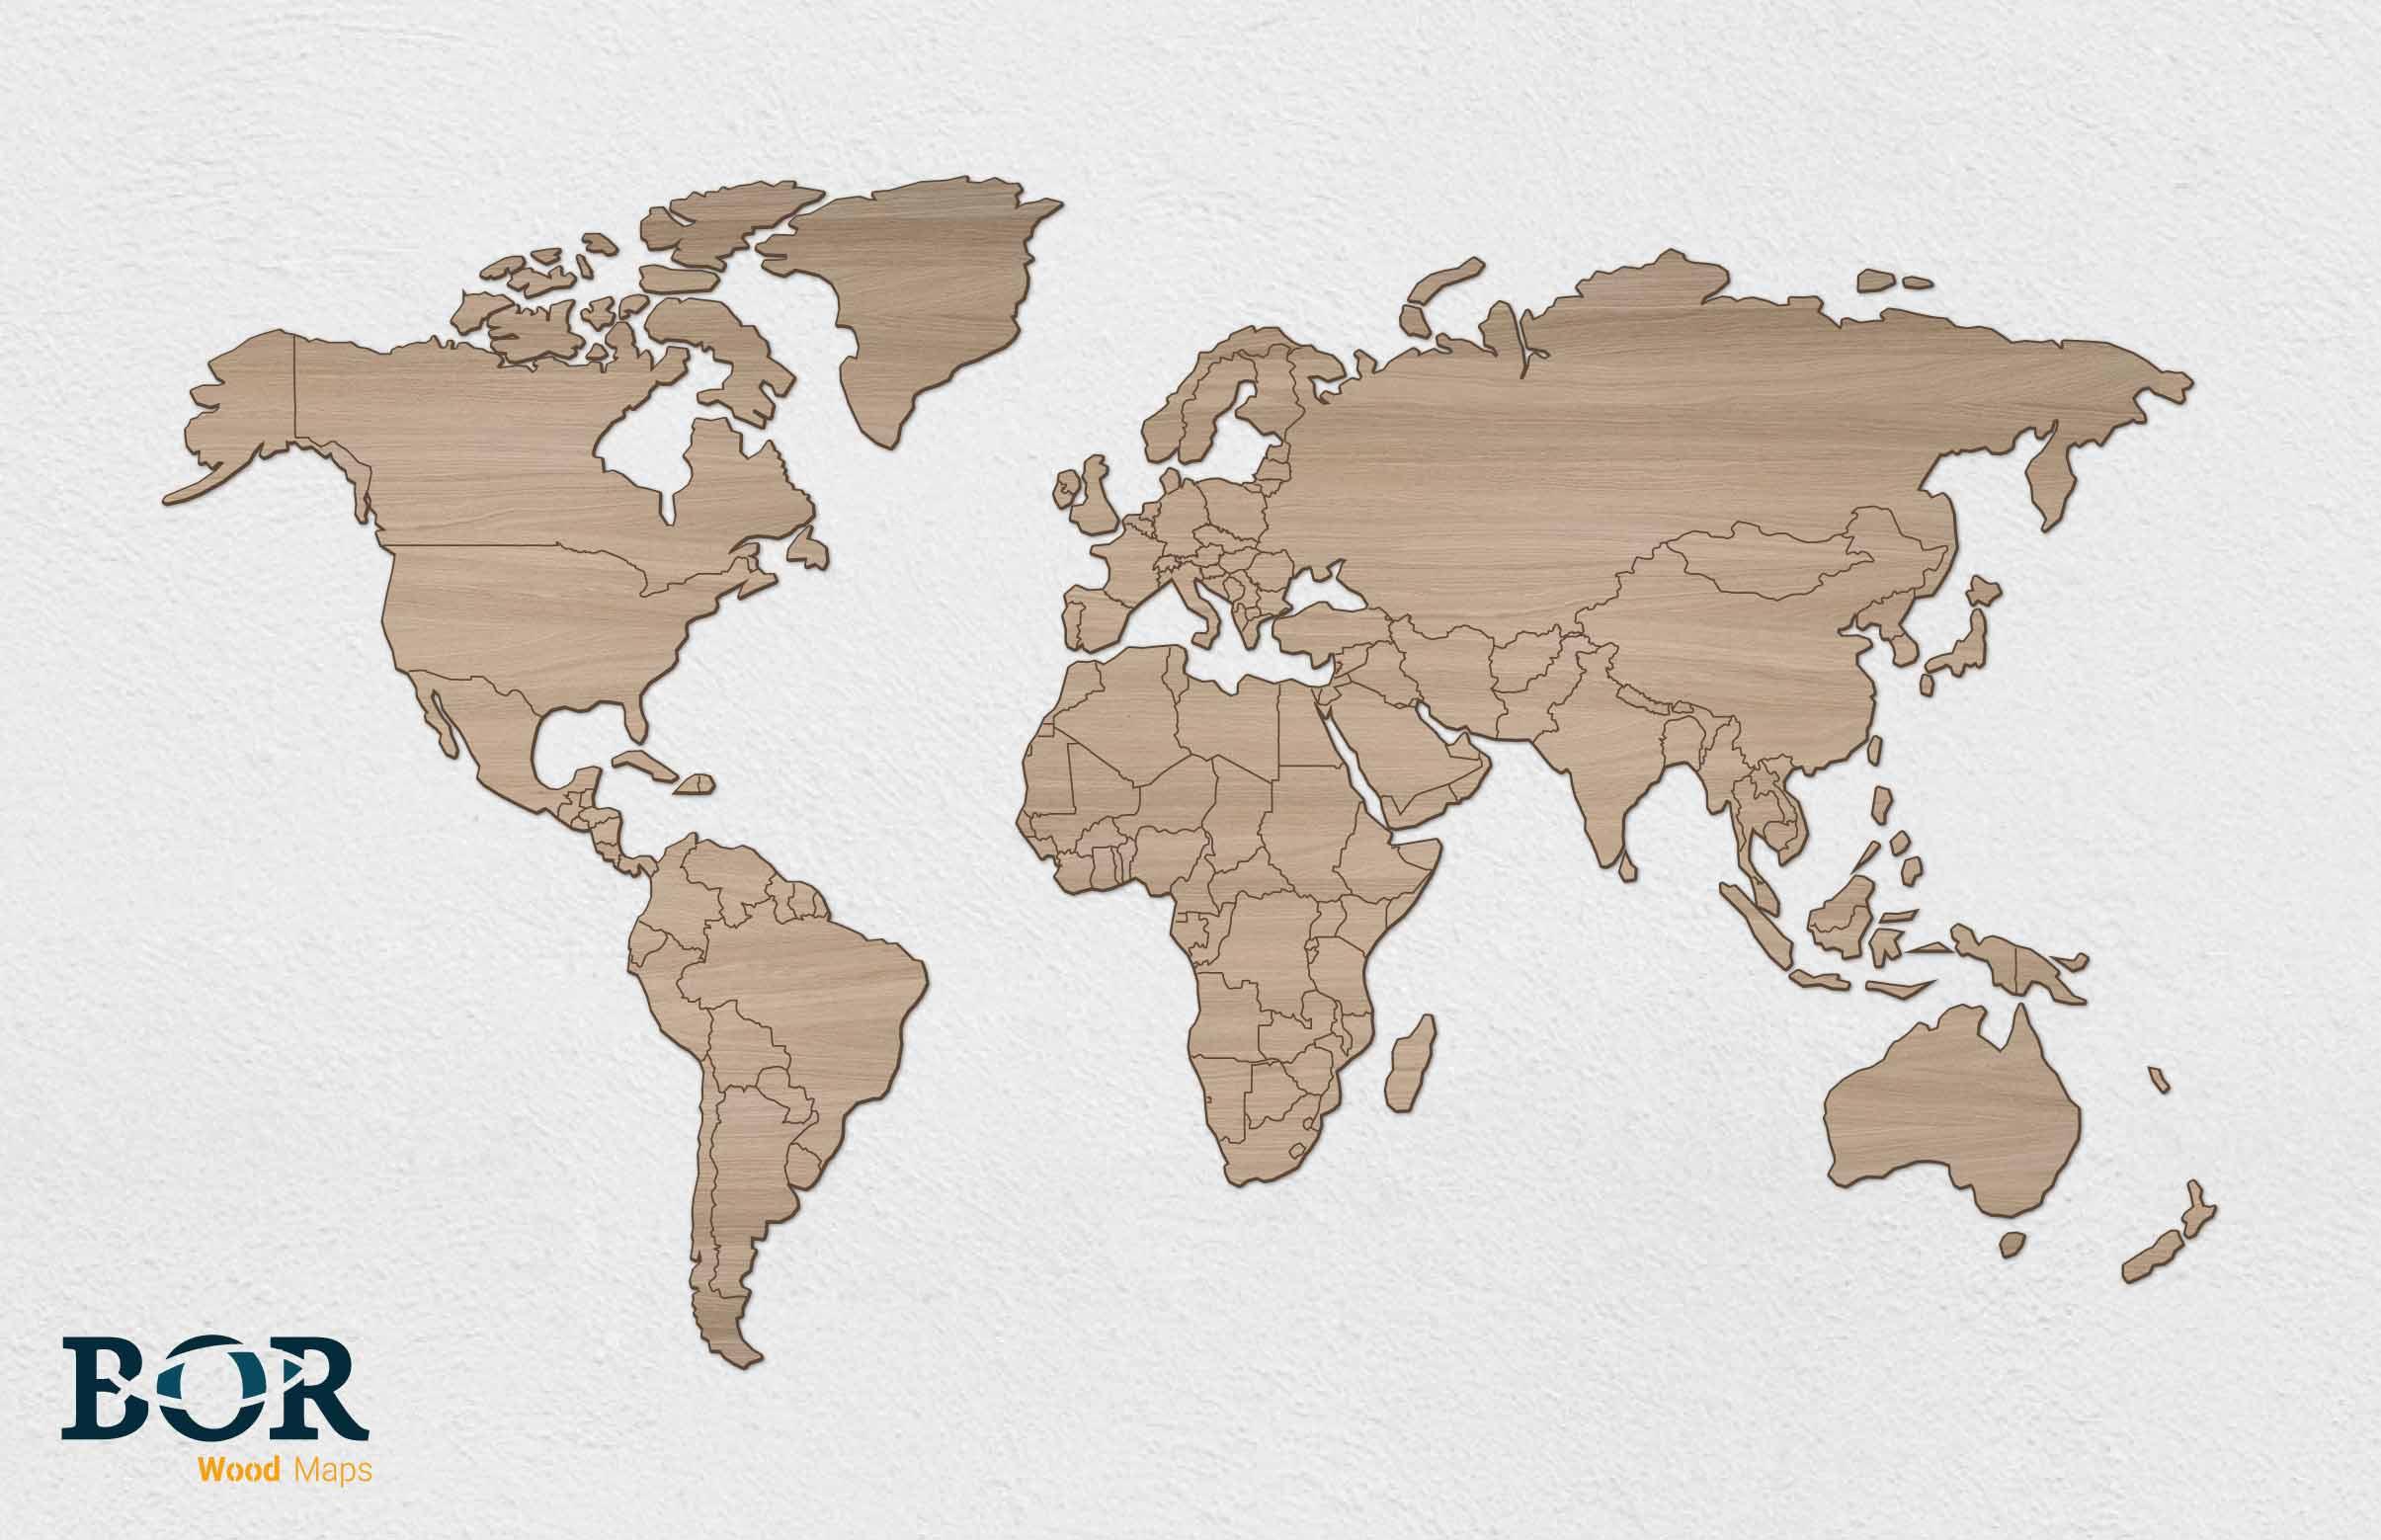 Wereldkaart van hout eiken bor lasertechniek wereldkaart van hout eiken thecheapjerseys Choice Image